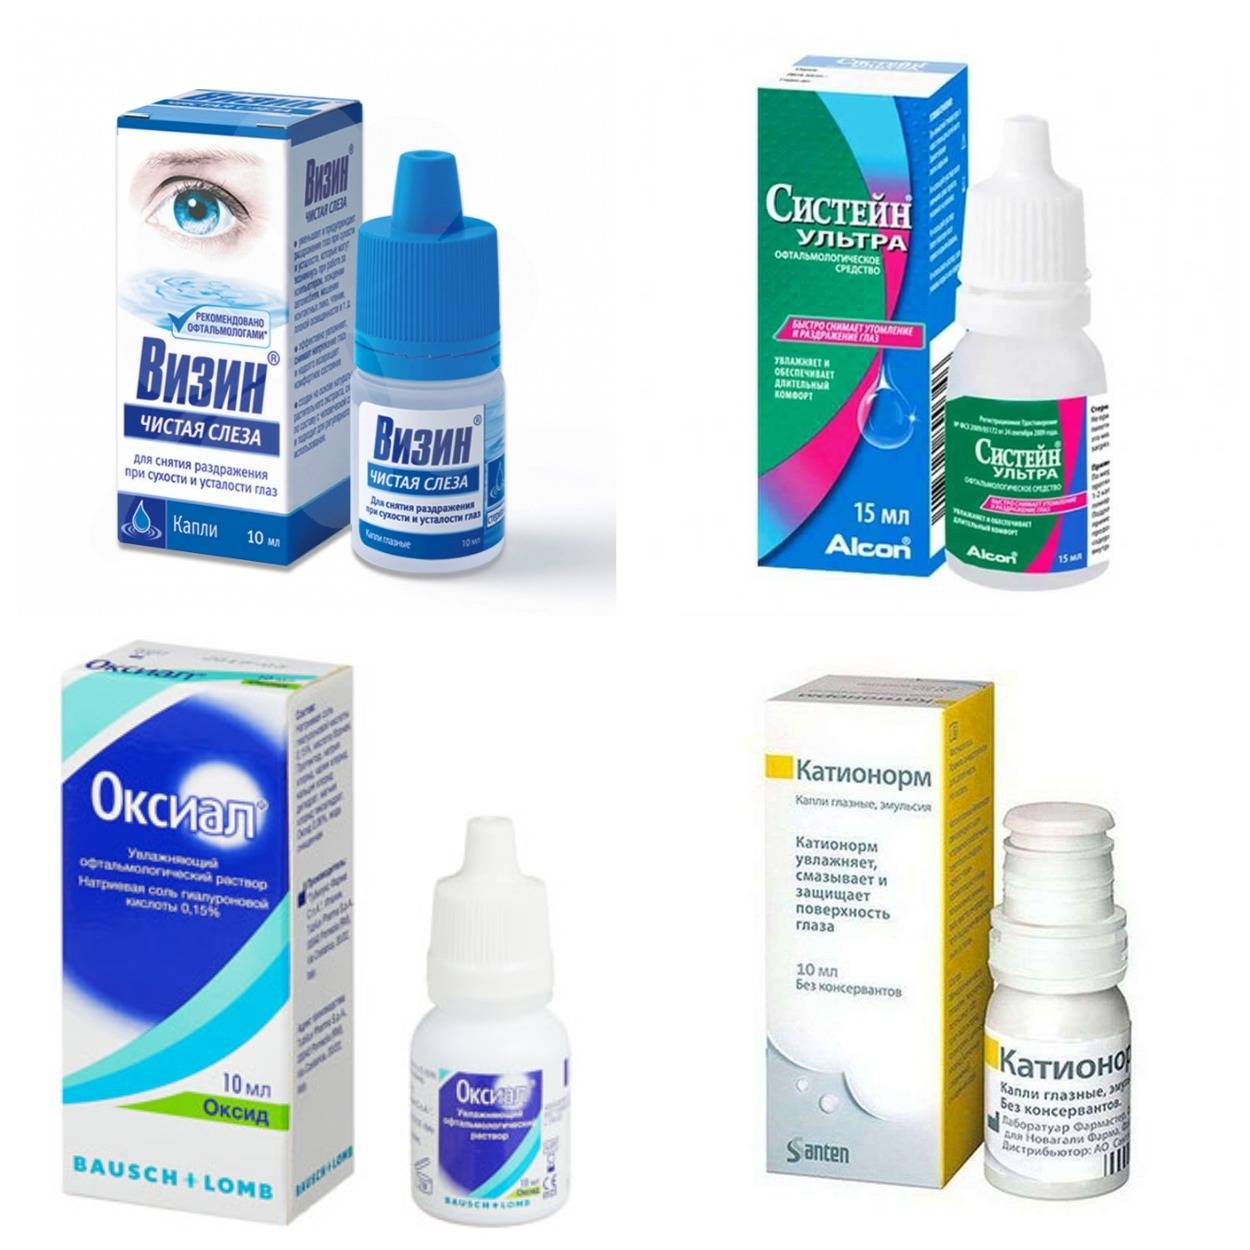 Предназначение глазных капель оксиал